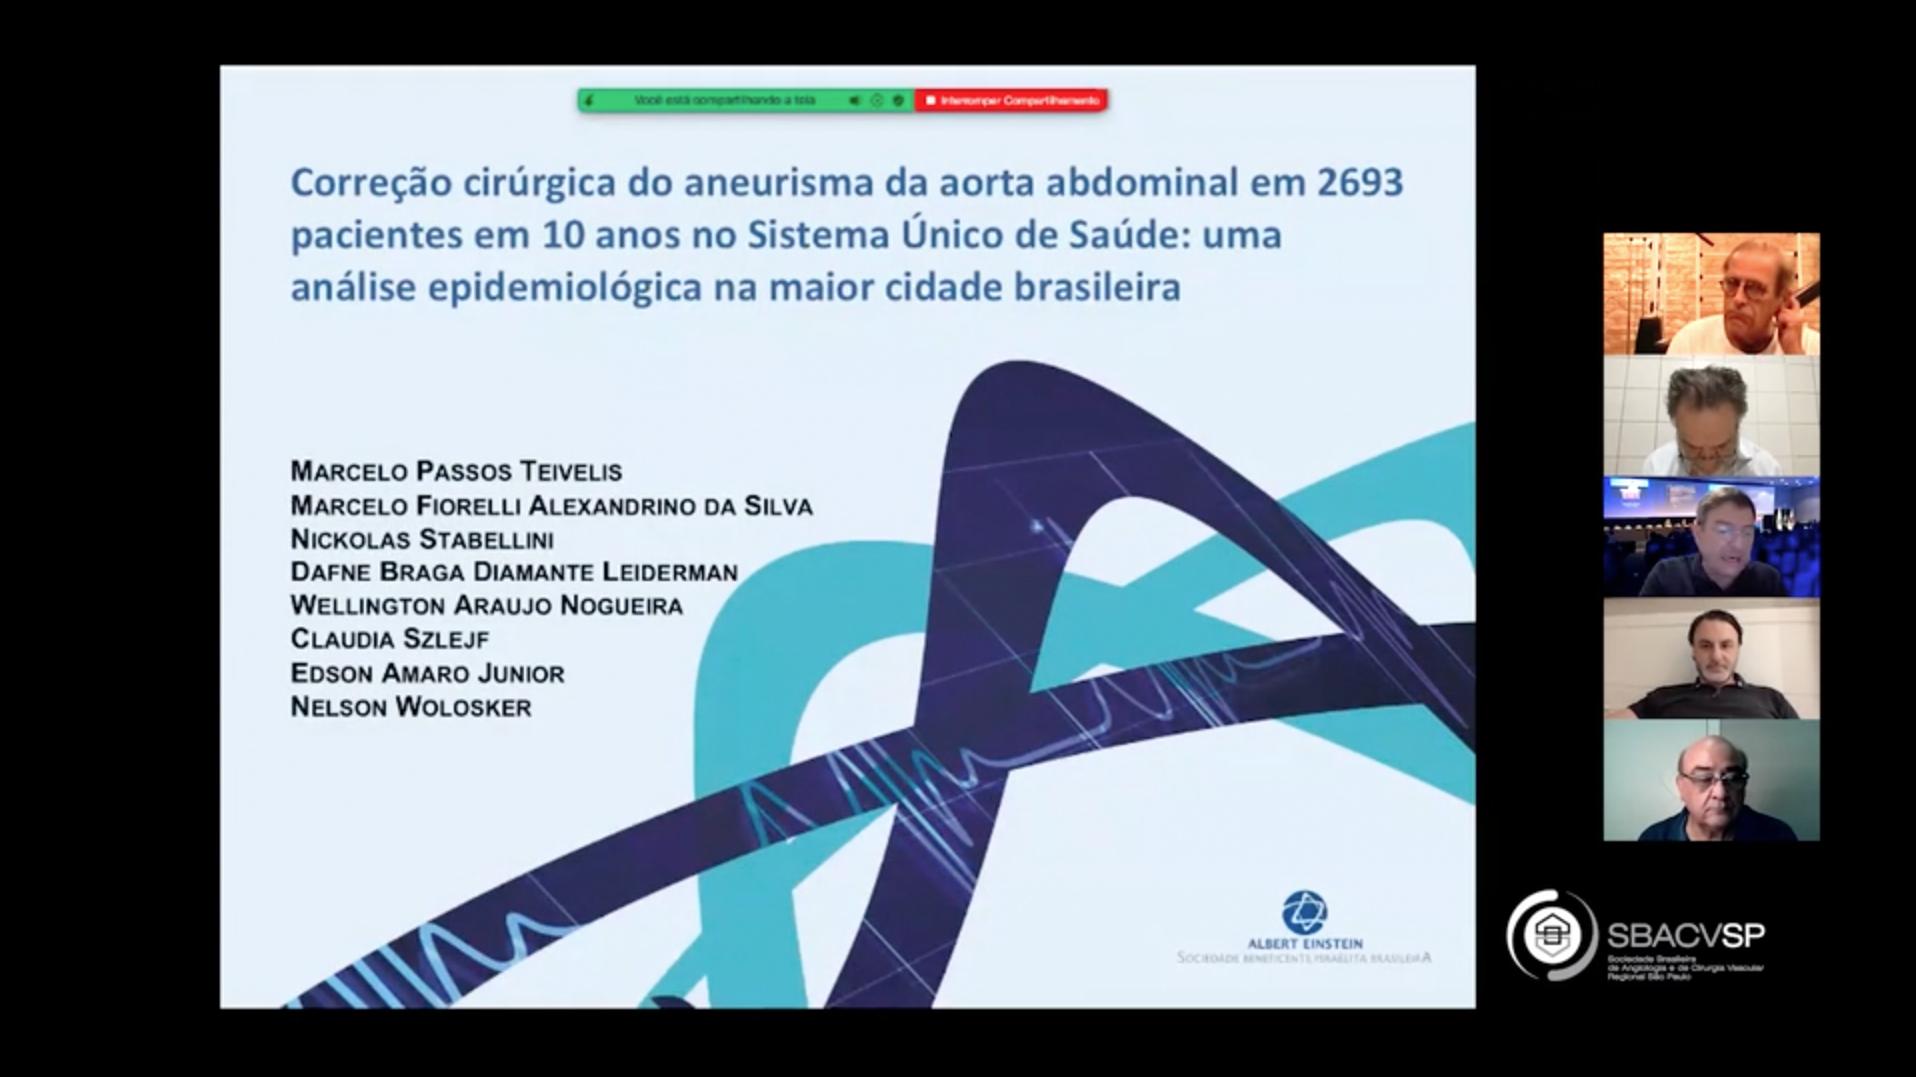 Avaliação epidemiológica de aorta torácica através de tomografia computadorizada de baixa dosagem